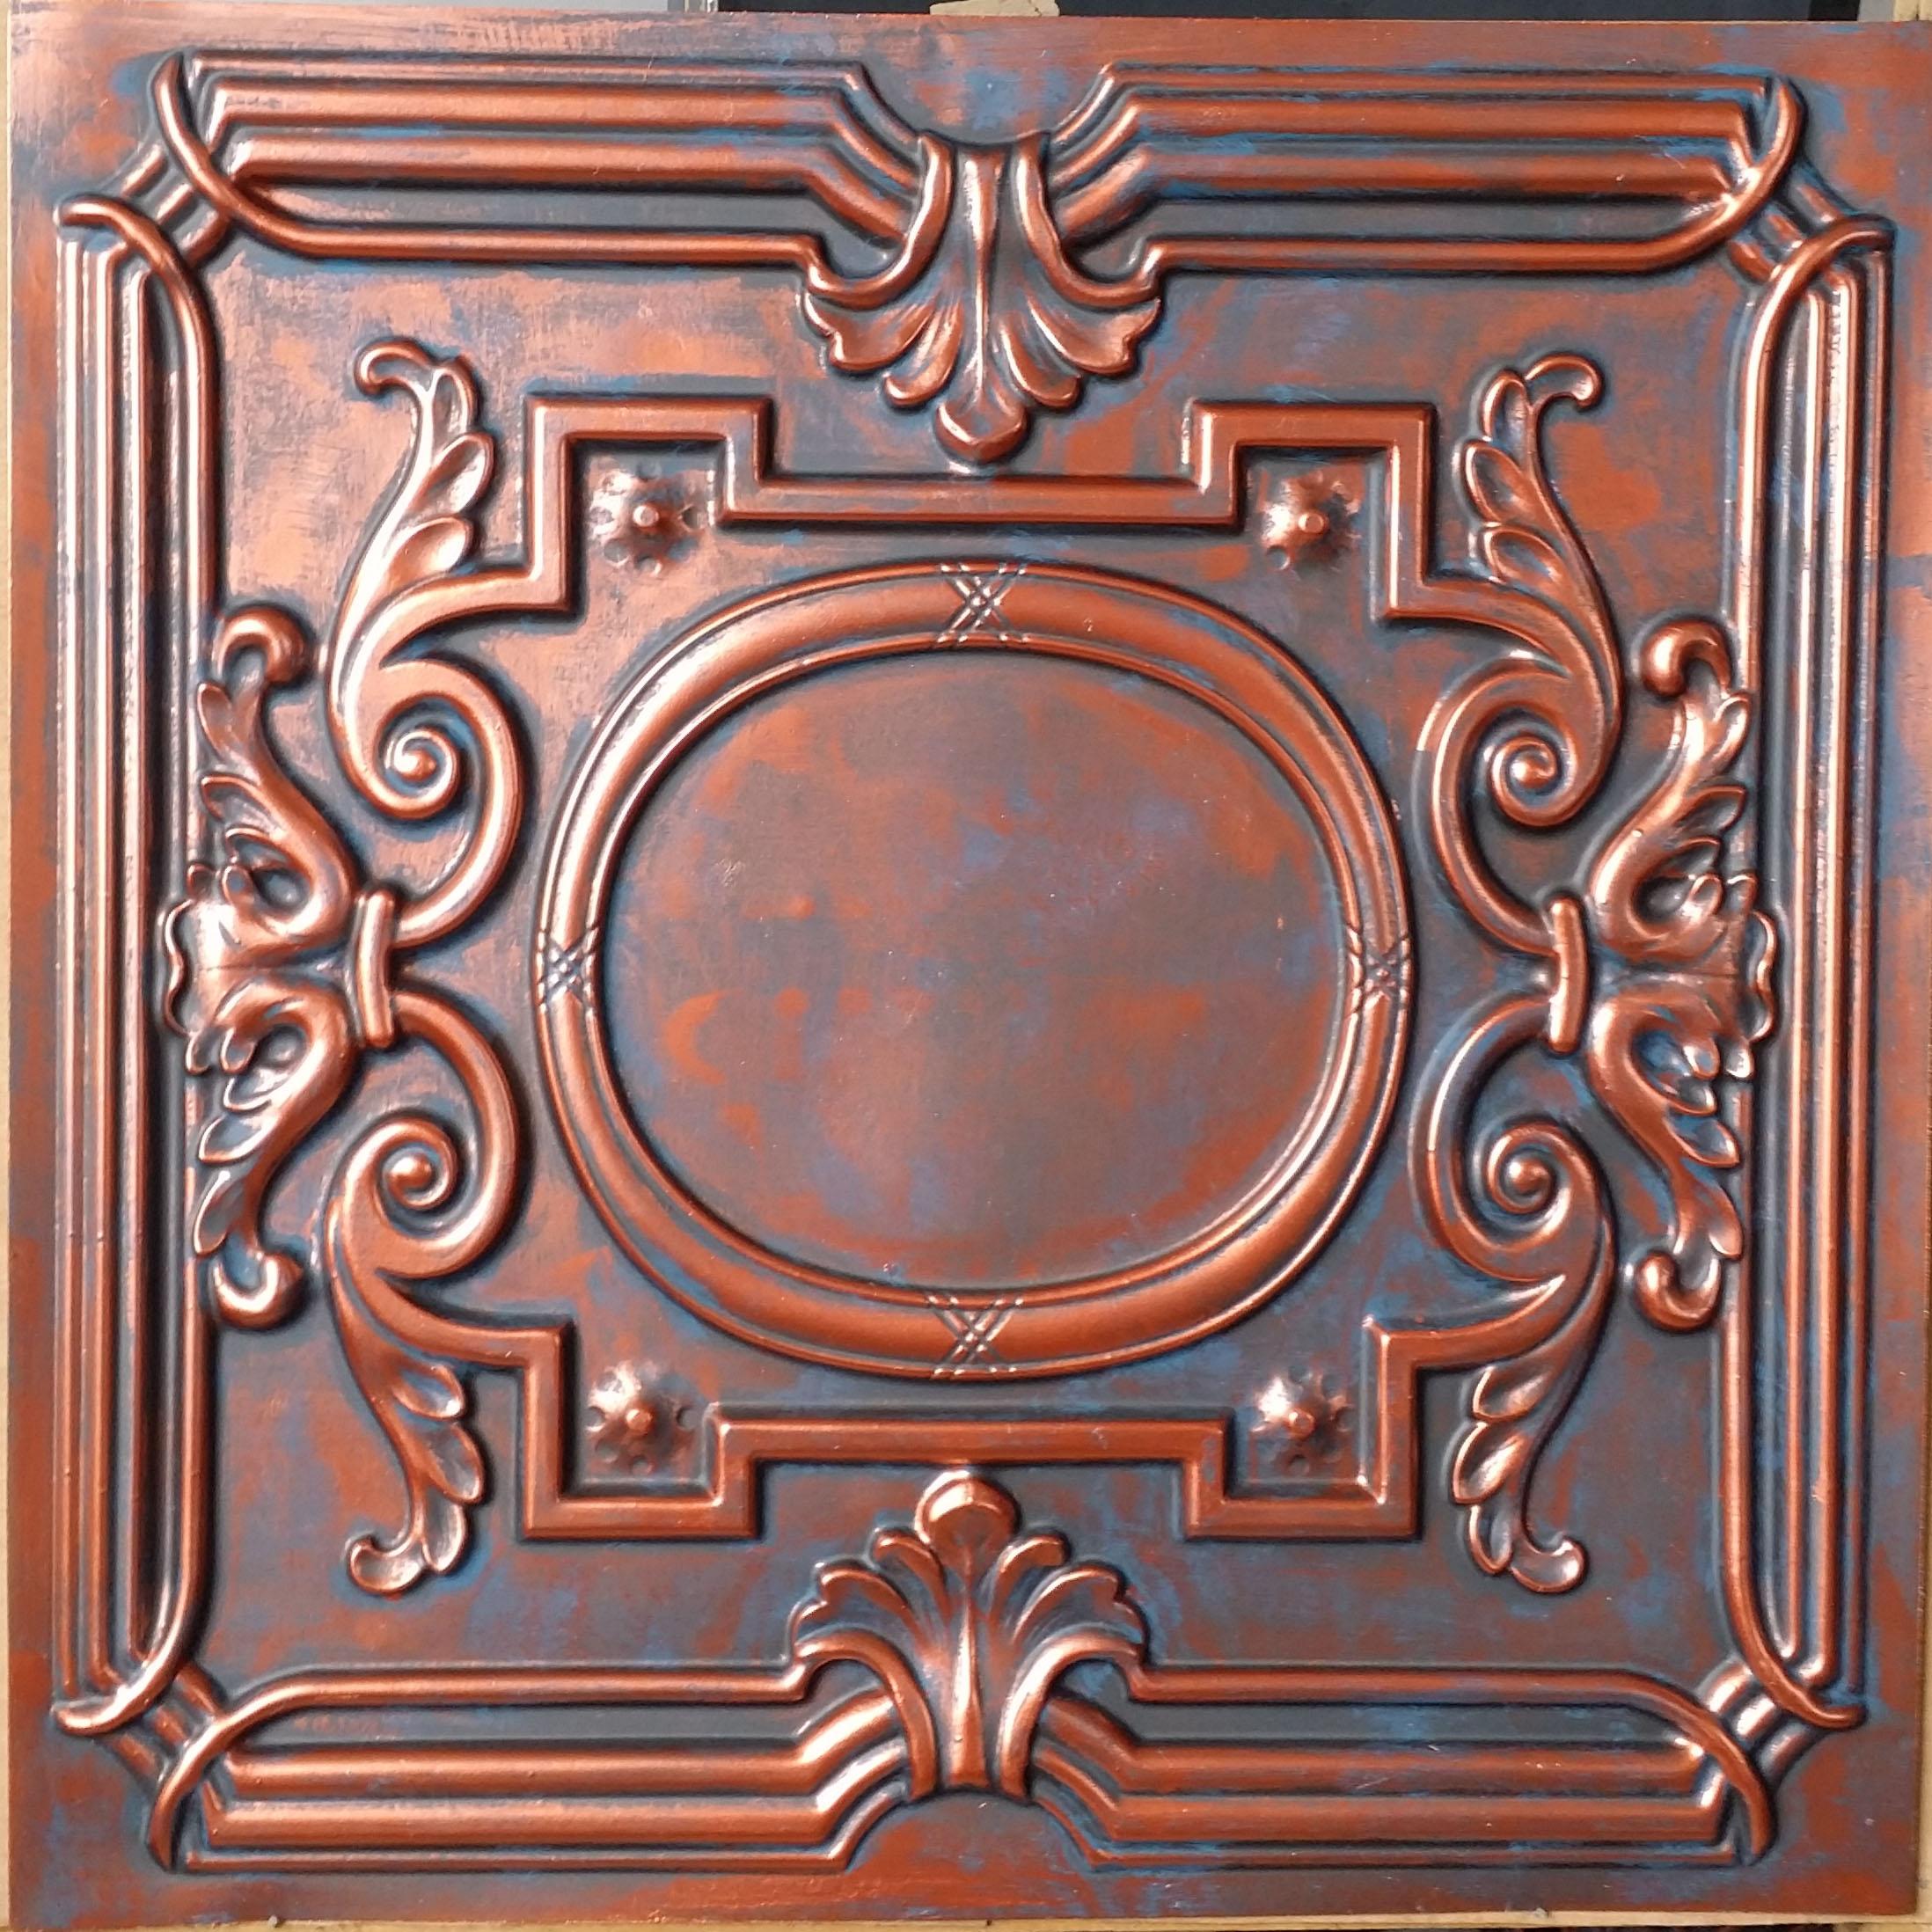 PL15 Rustic copper